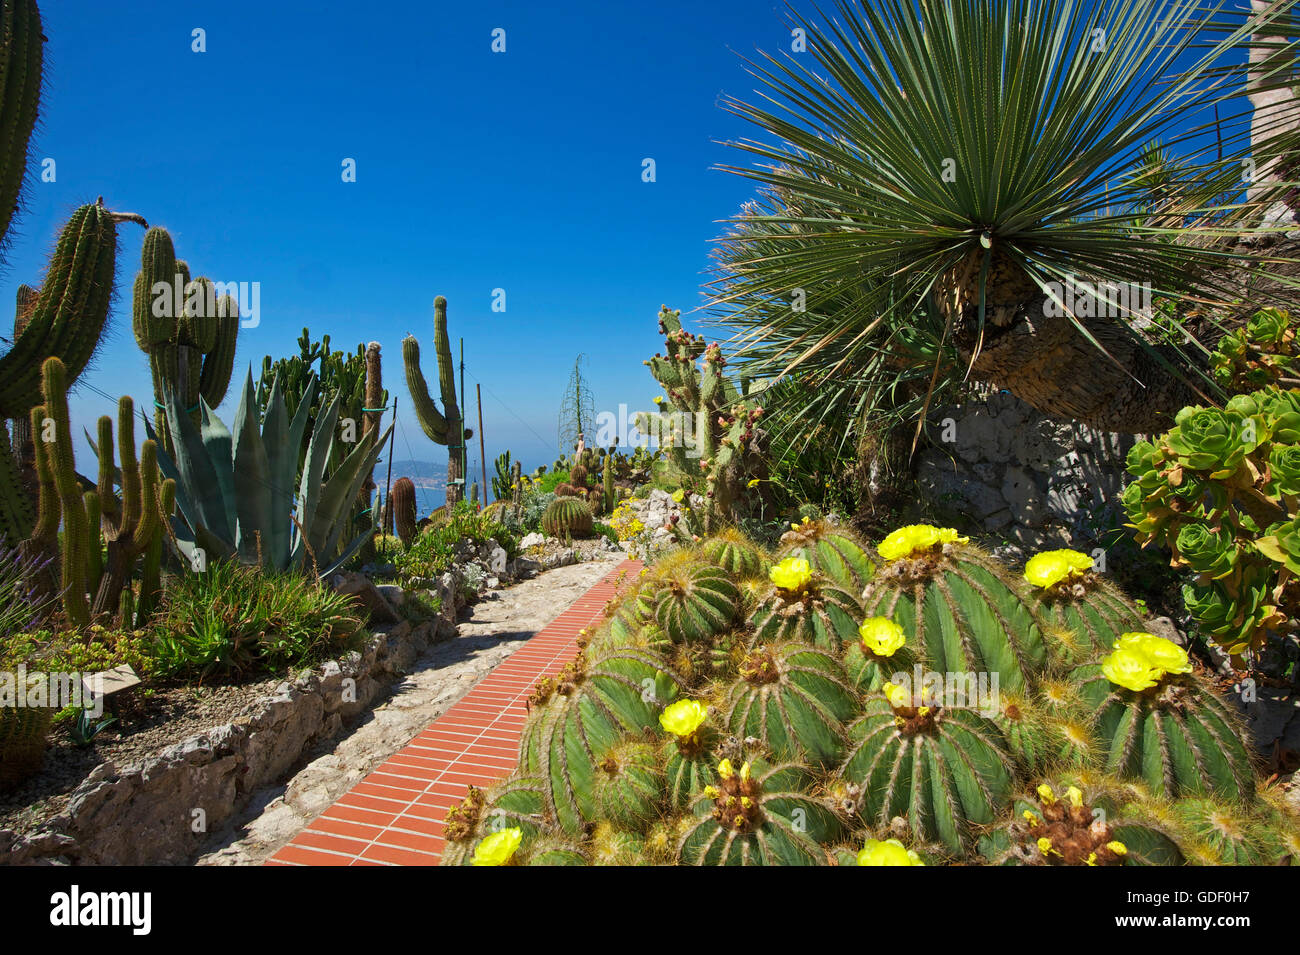 Jardin Exotique in Eze, Cote d?Azur, Alpes-Maritimes Stock Photo ...